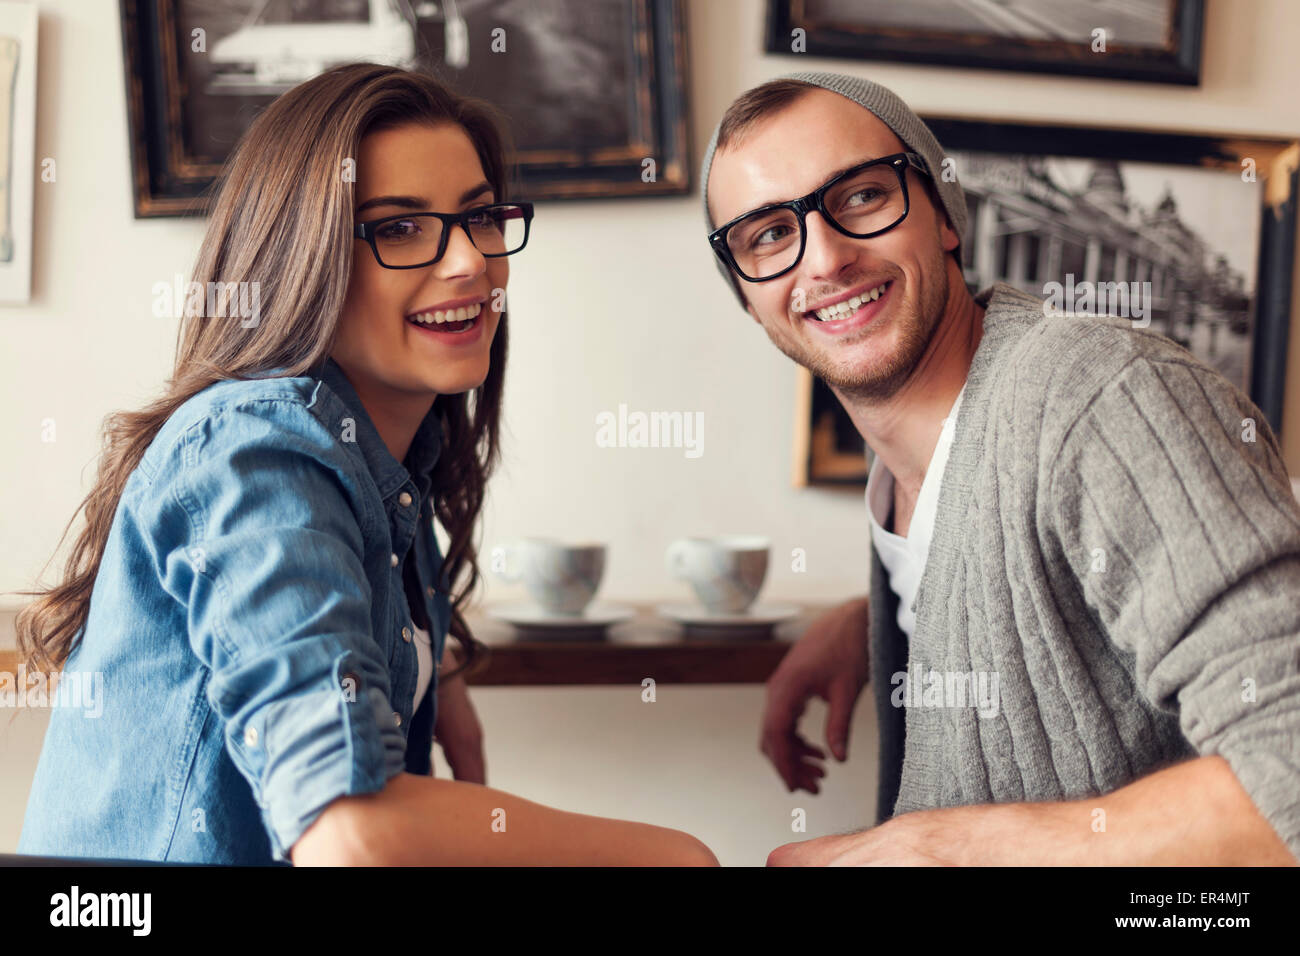 Incontro giovani amici presso il cafe. Cracovia in Polonia Immagini Stock